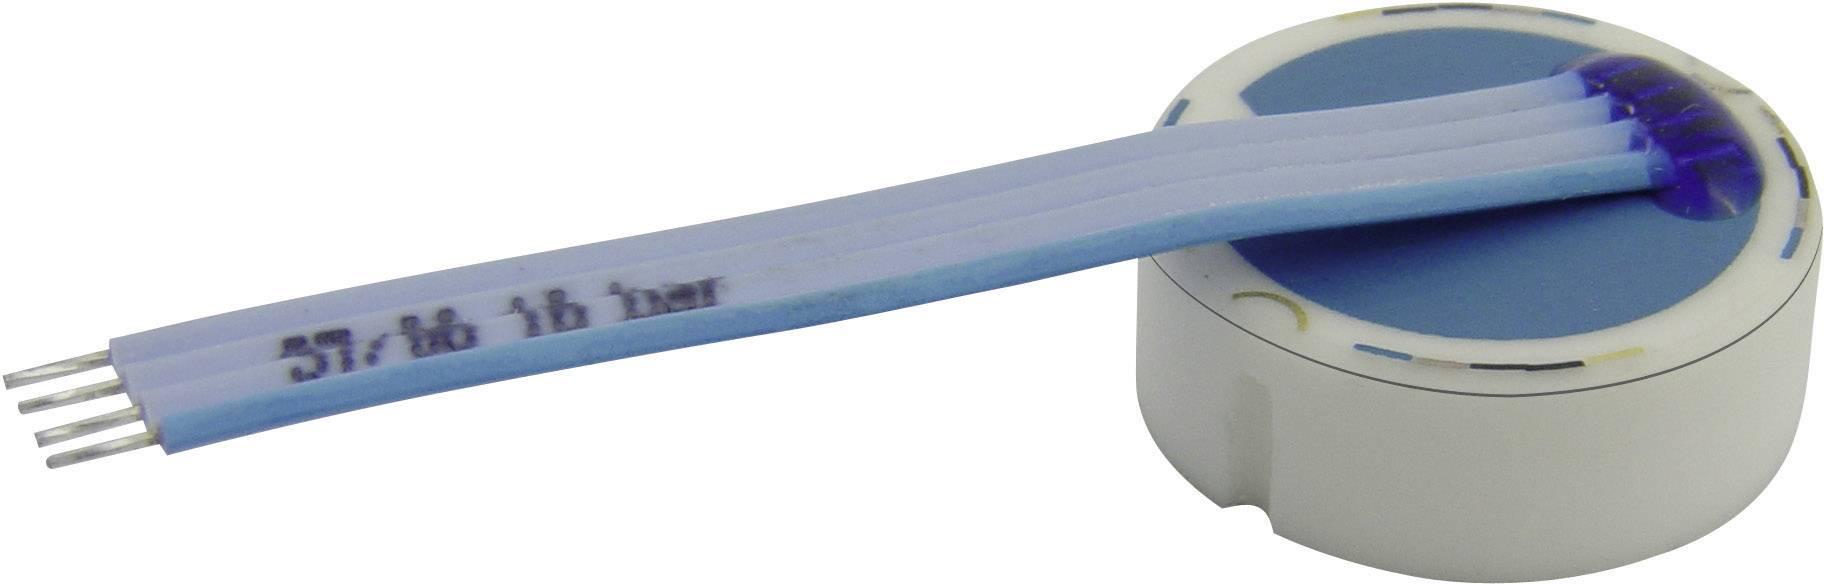 Senzor tlaku B+B Thermo-Technik DS-KE-D-R16B, DS-KE-D-R16B, 16 bar do 16 bar